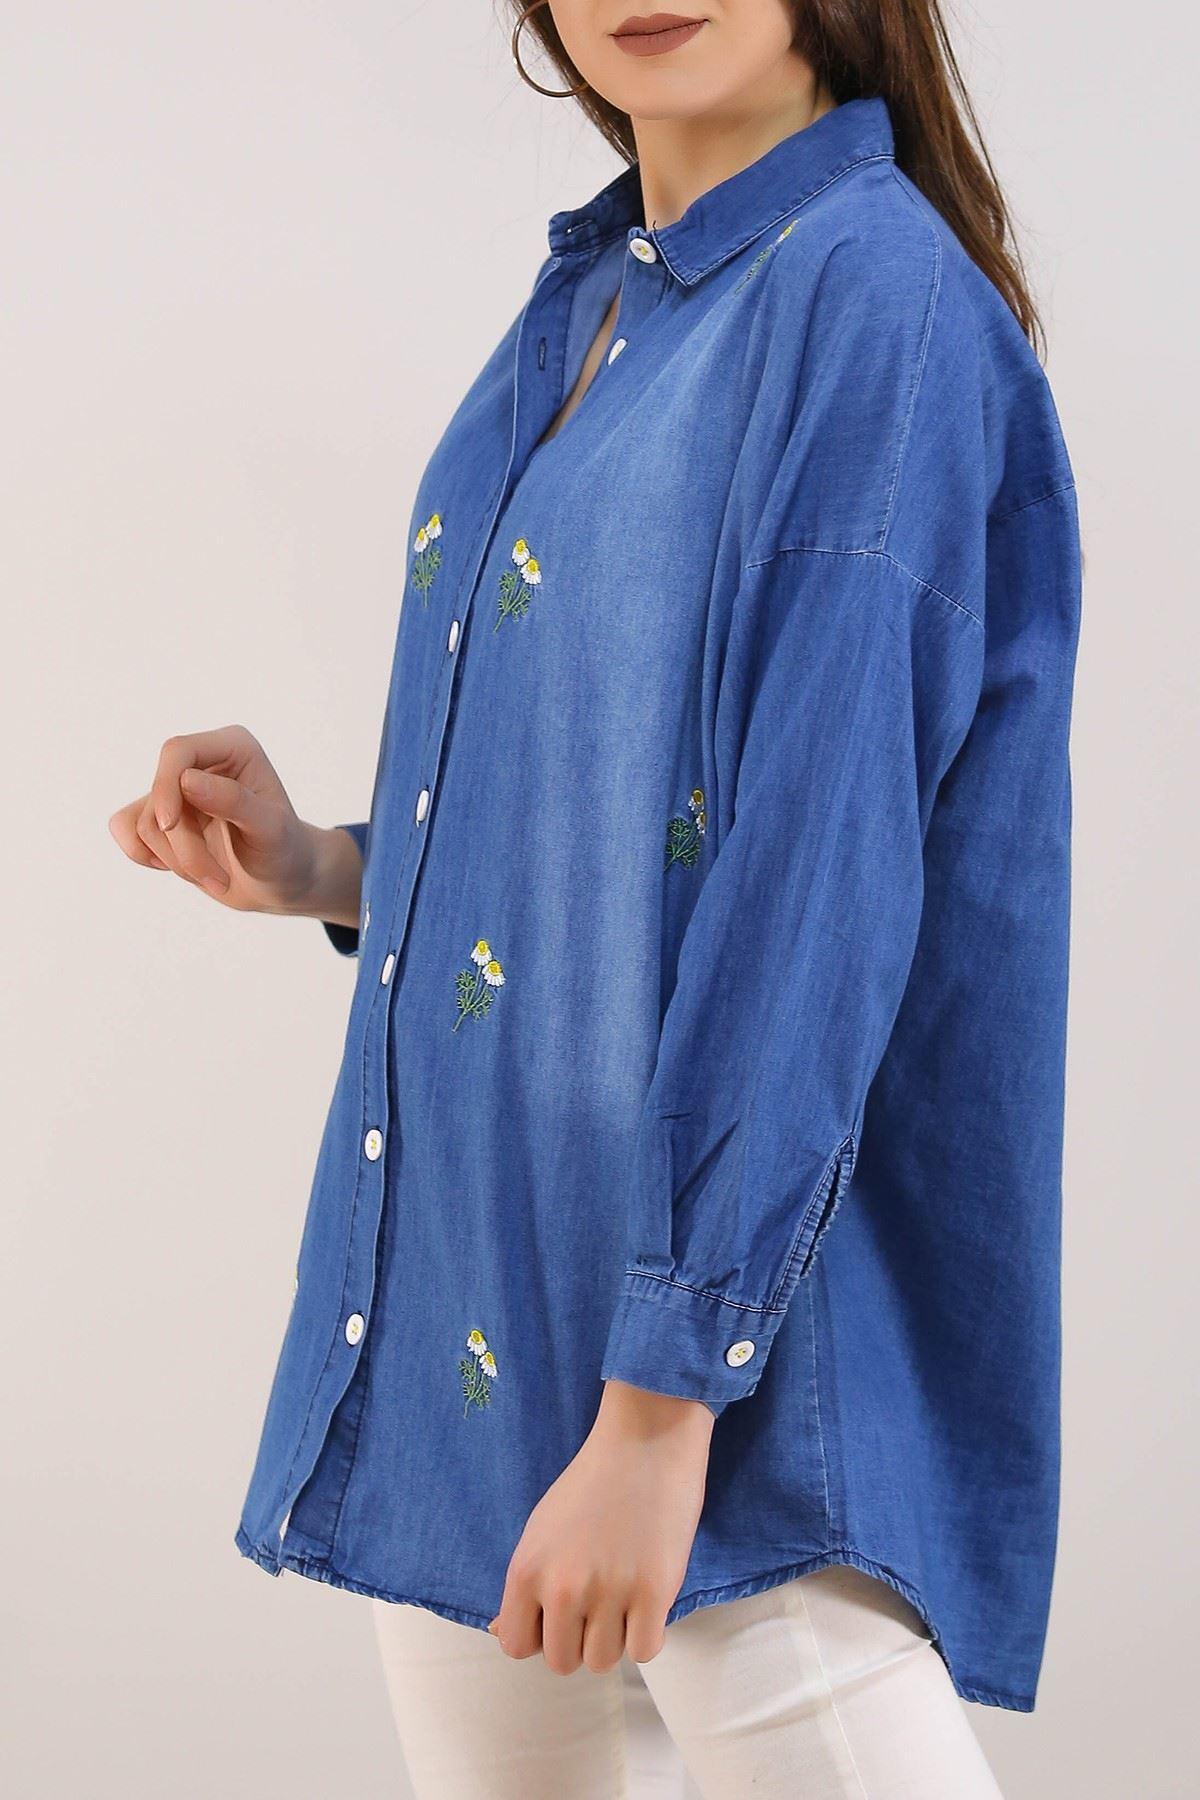 Nakışlı Kadın Kot Gömlek Lacivert - 8057.1352.